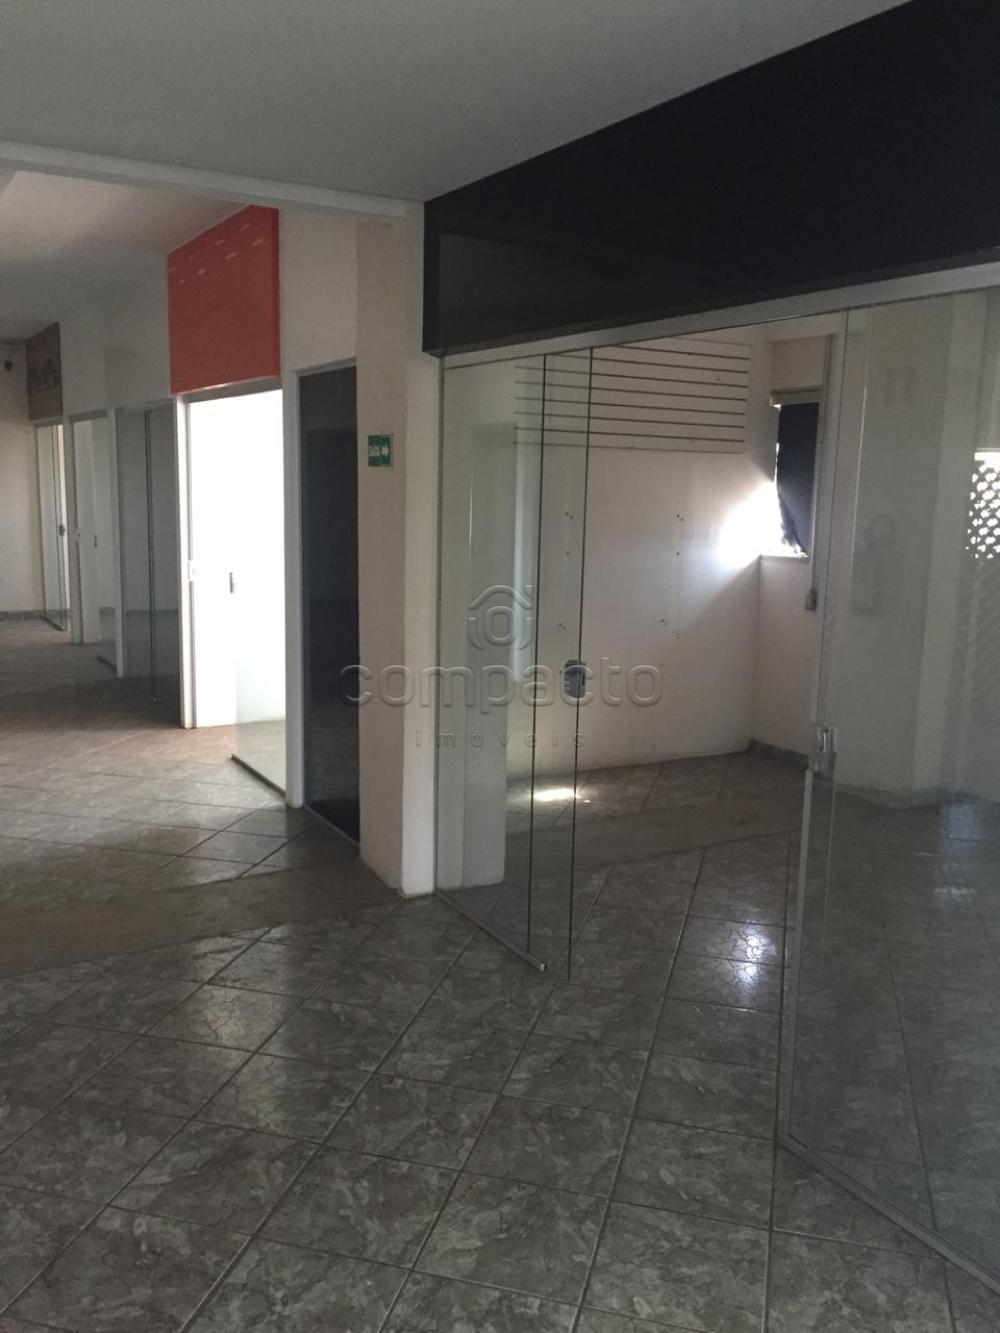 Alugar Comercial / Prédio em São José do Rio Preto apenas R$ 20.000,00 - Foto 17